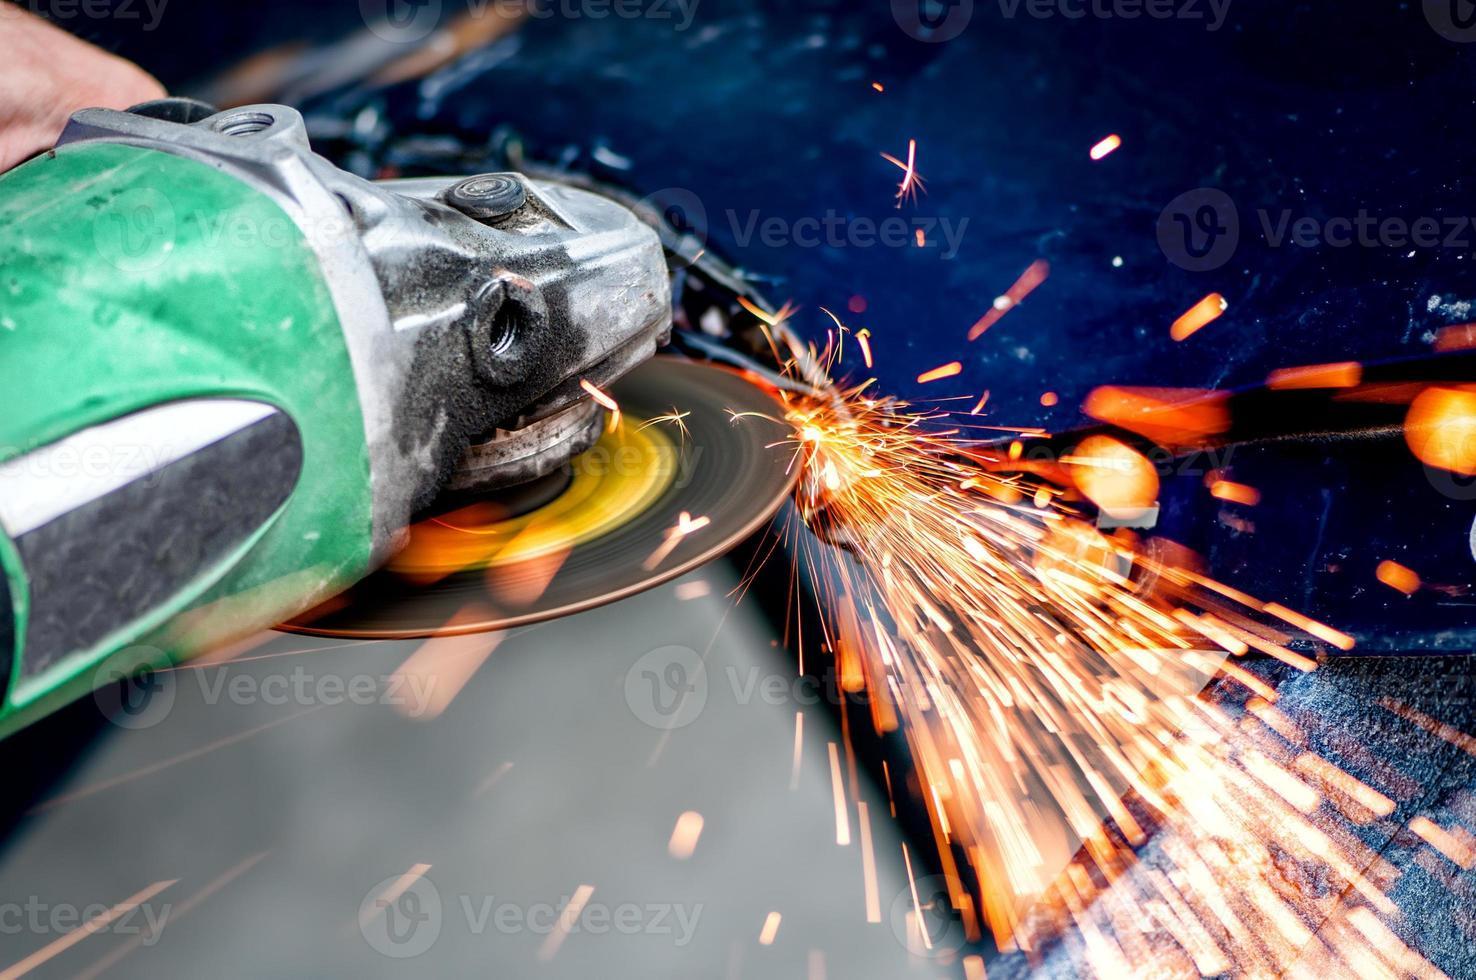 Schwerindustrie Arbeiter schneiden Stahl mit Winkelschleifer foto